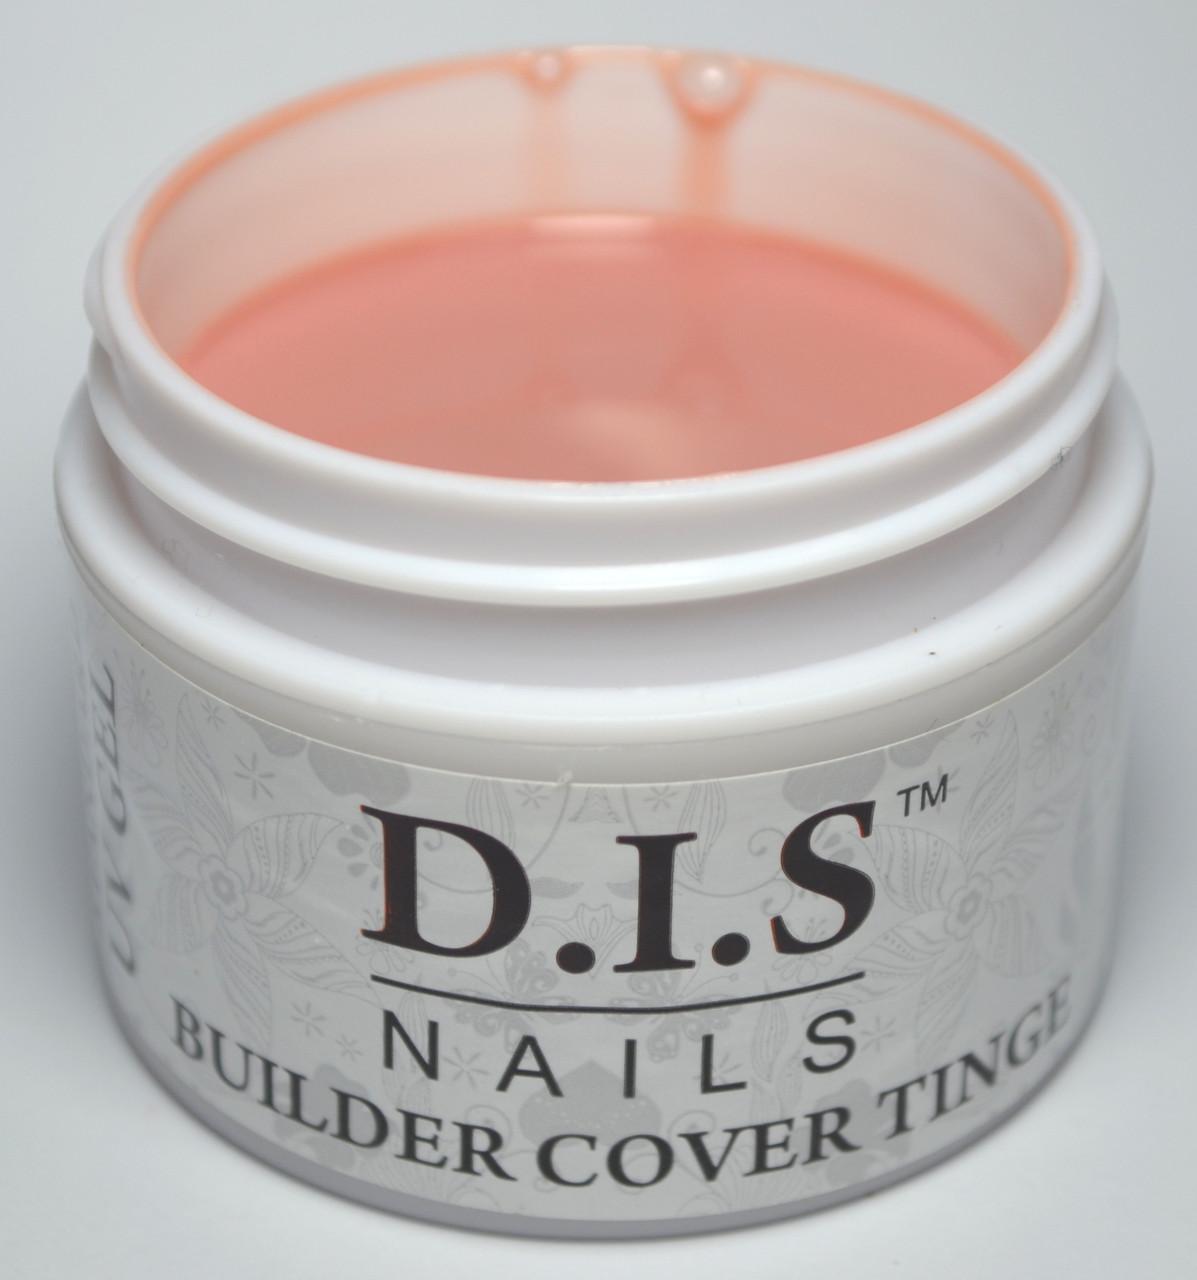 Гель камуфлирующий DIS Builder Cover Tinge (средней вязкости) 30 г.